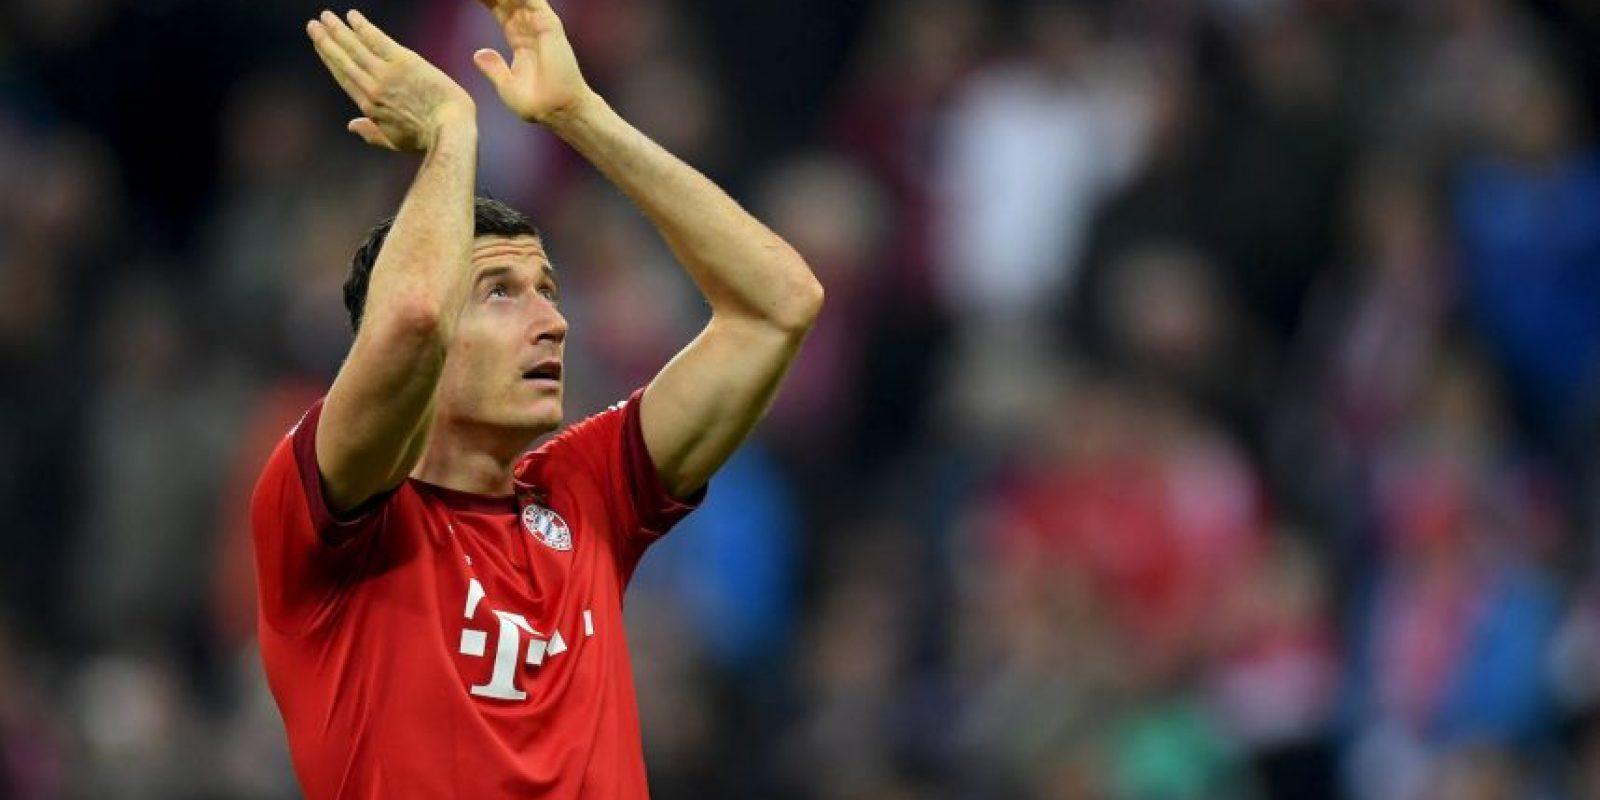 El polaco aspira a meterse al podio, pero el primer lugar ya es lejano. Tiene 29 goles y 58 puntos Foto:Getty Images